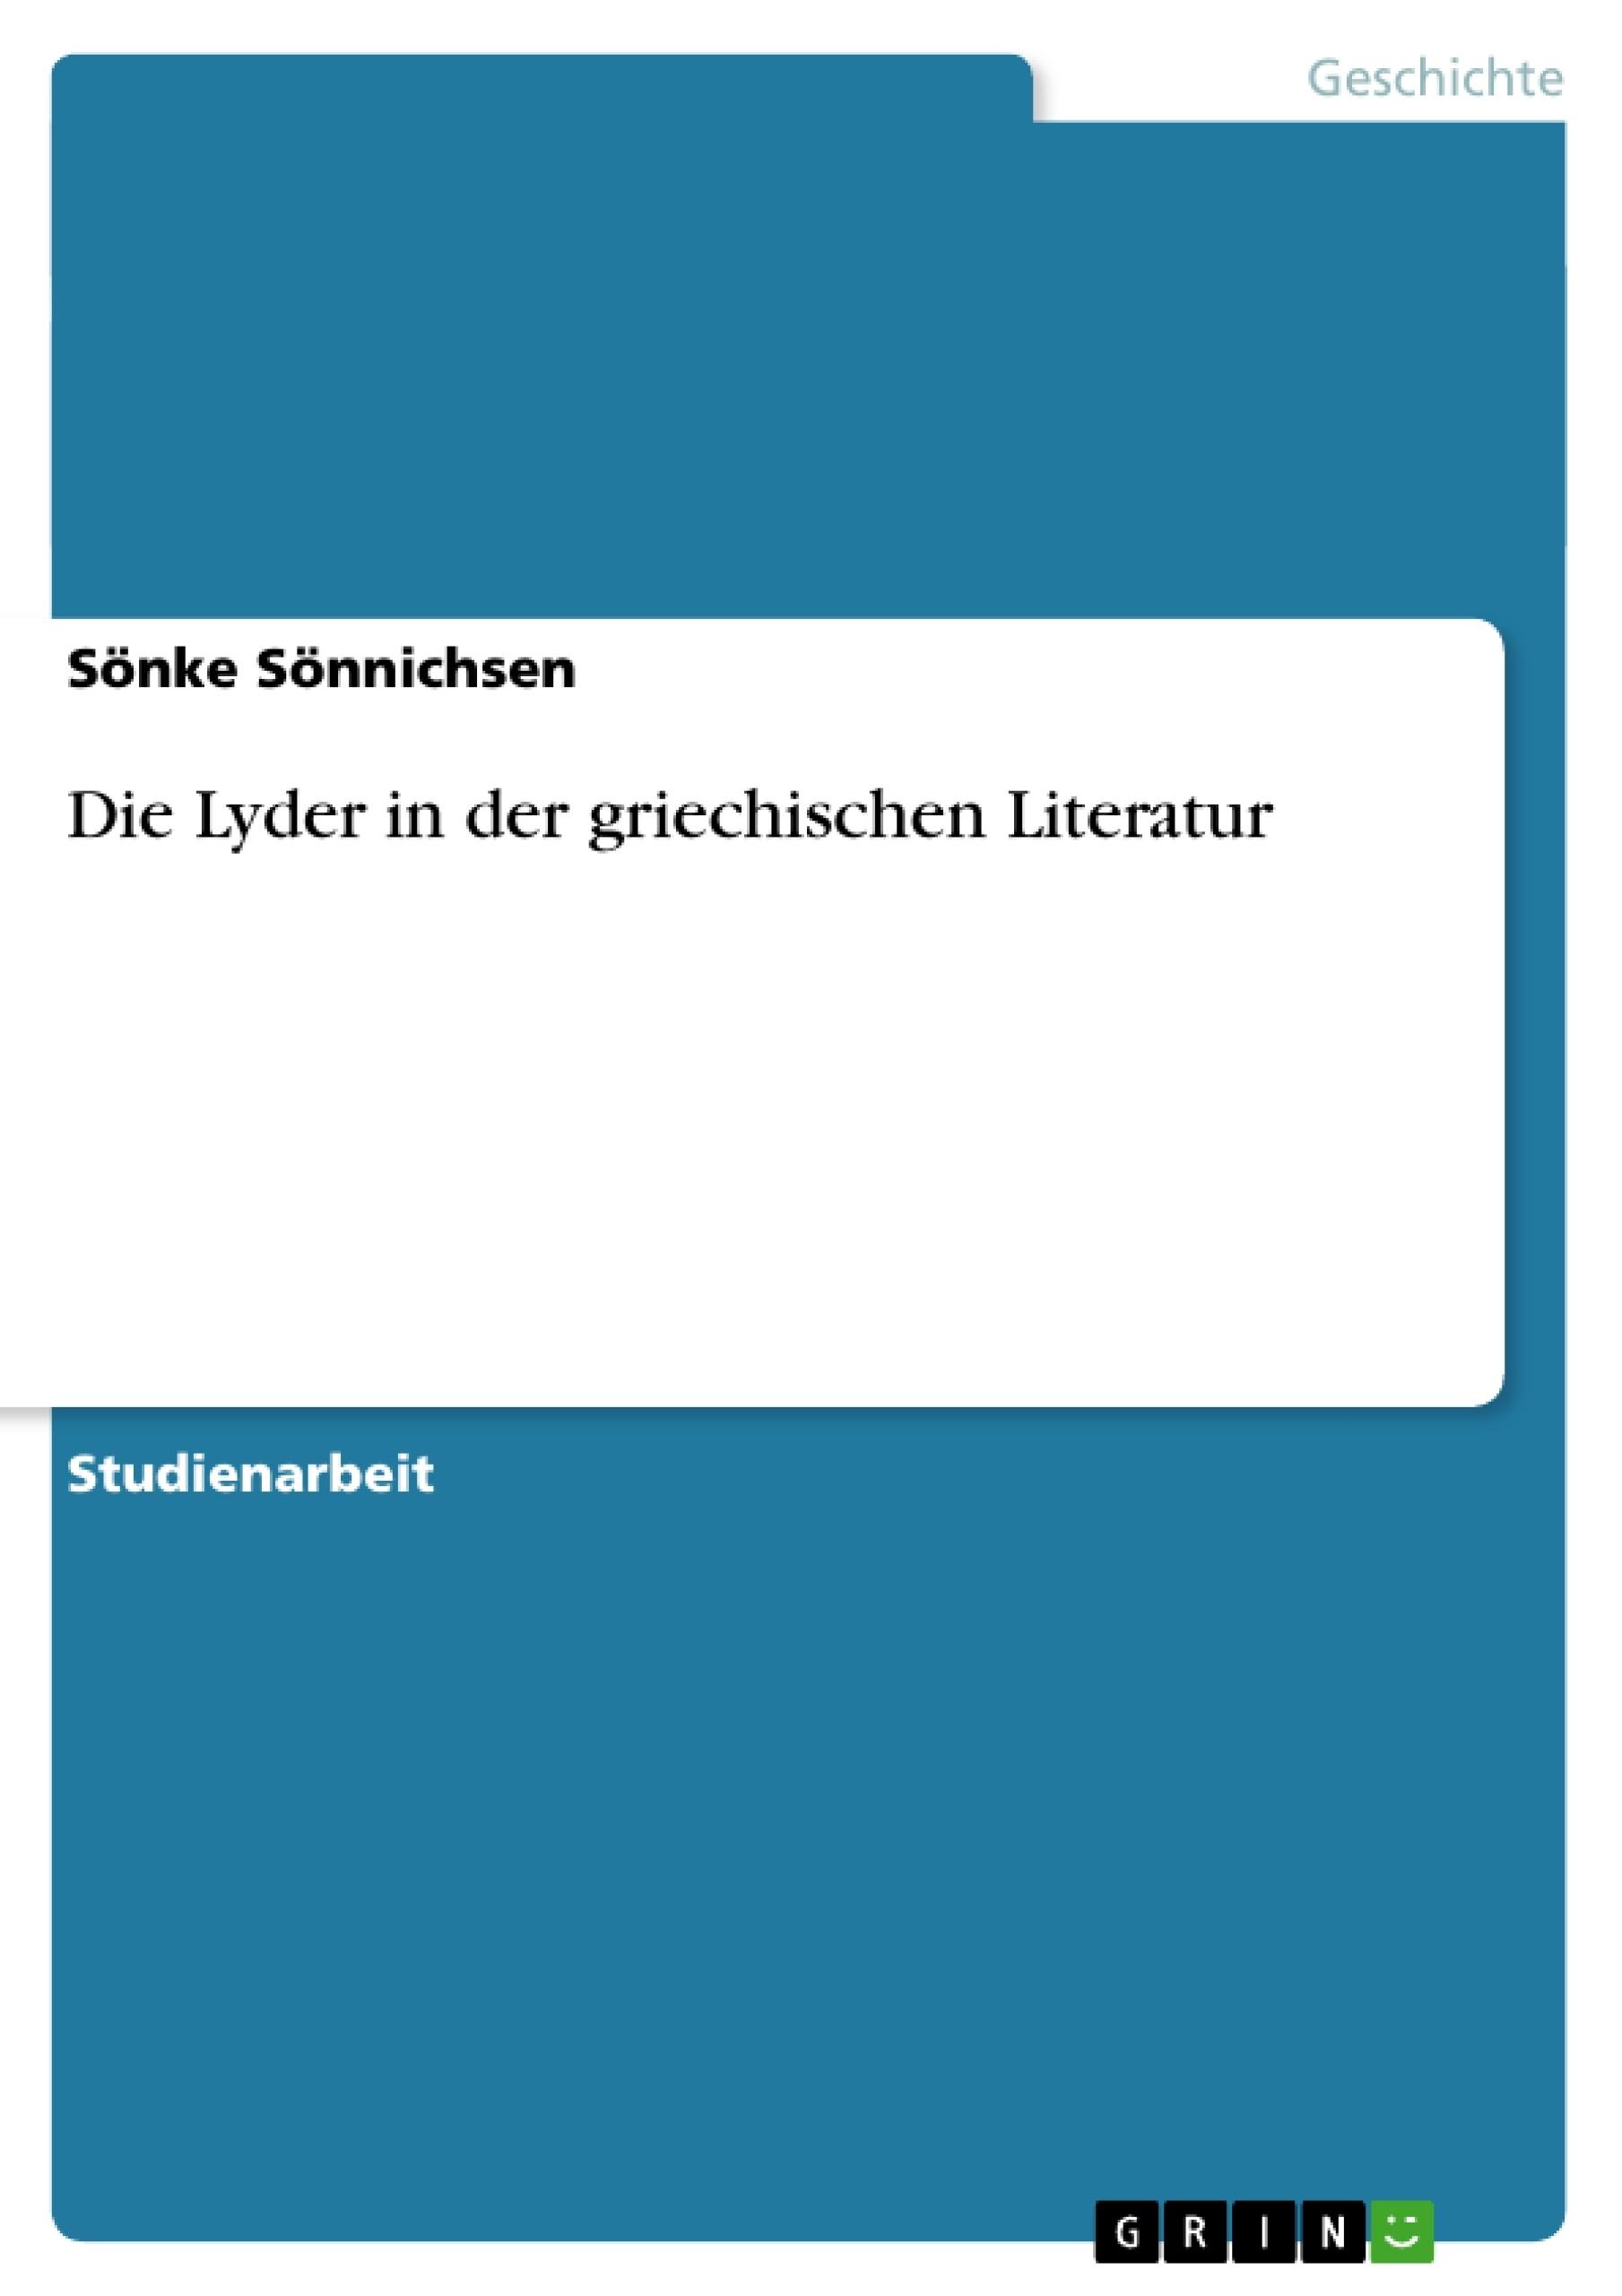 Titel: Die Lyder in der griechischen Literatur